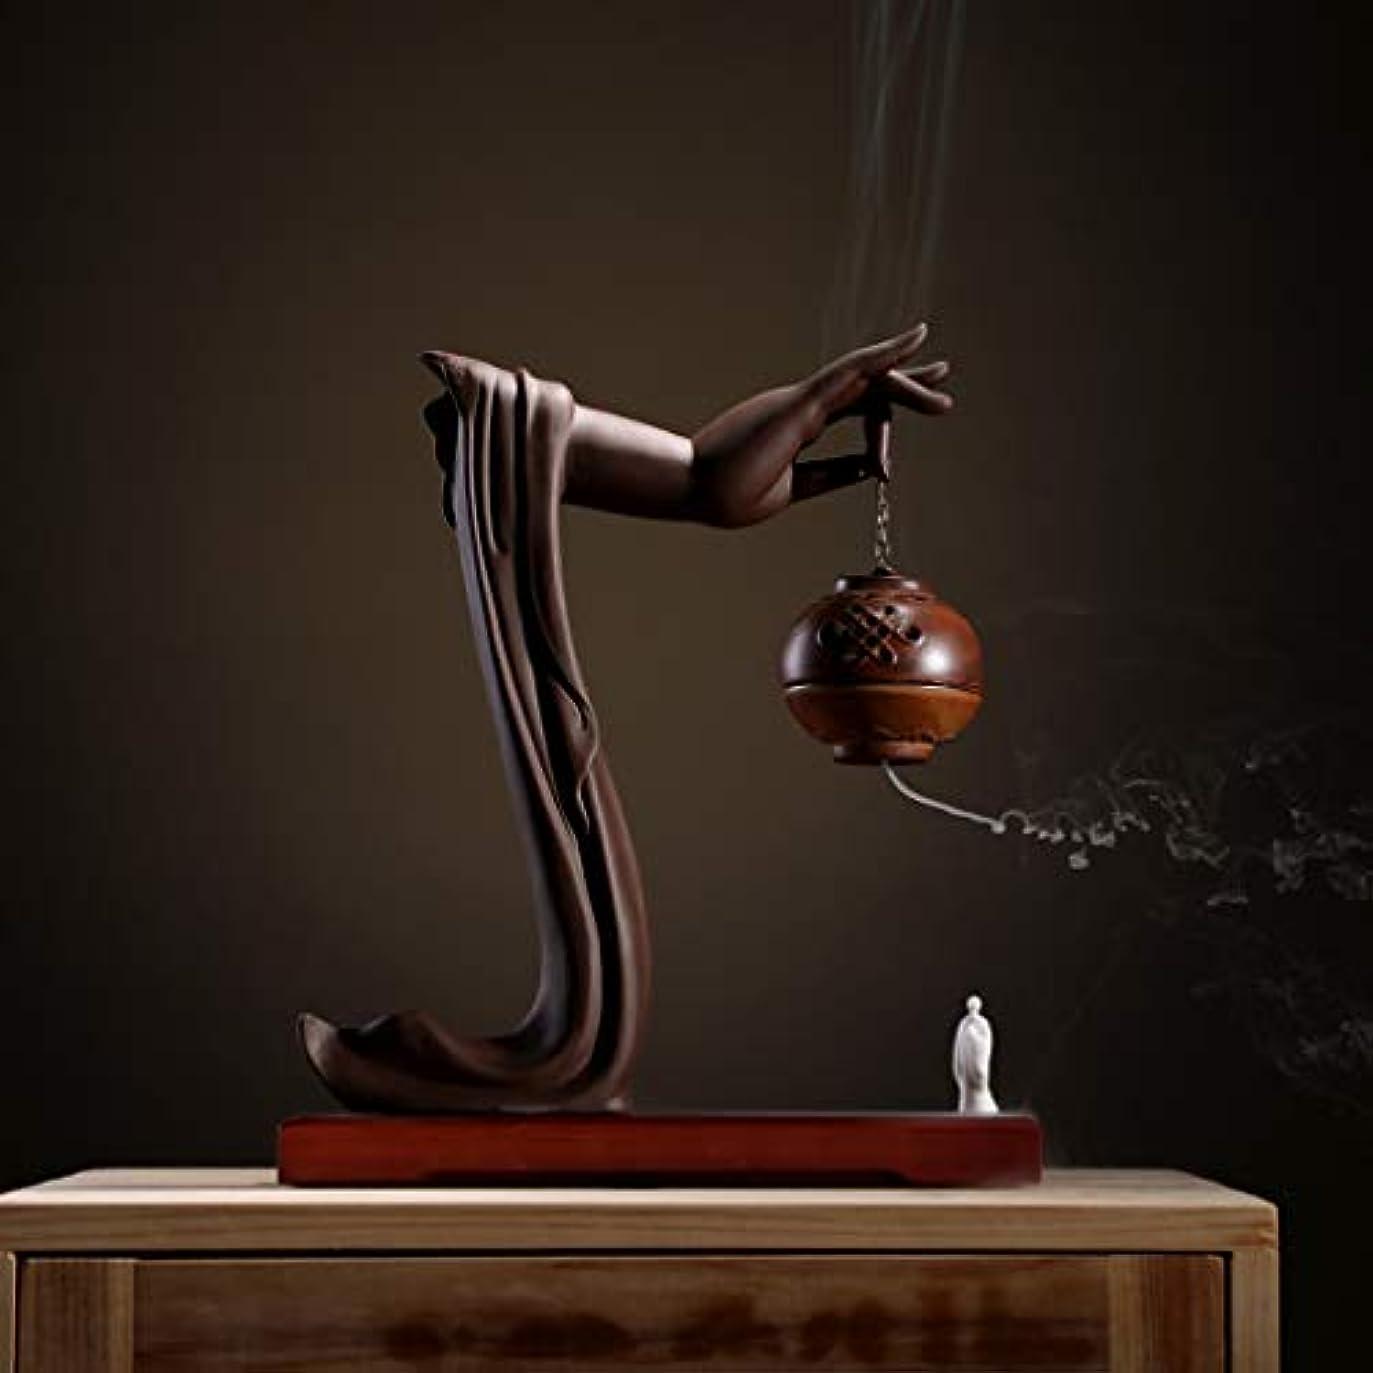 手動逆流香バーナーロータス/僧侶逆流香バーナーコーンコーンブラケットホームデスクトップの装飾L28cm×W9.5cm×H33cm (Color : Brown incense burner)